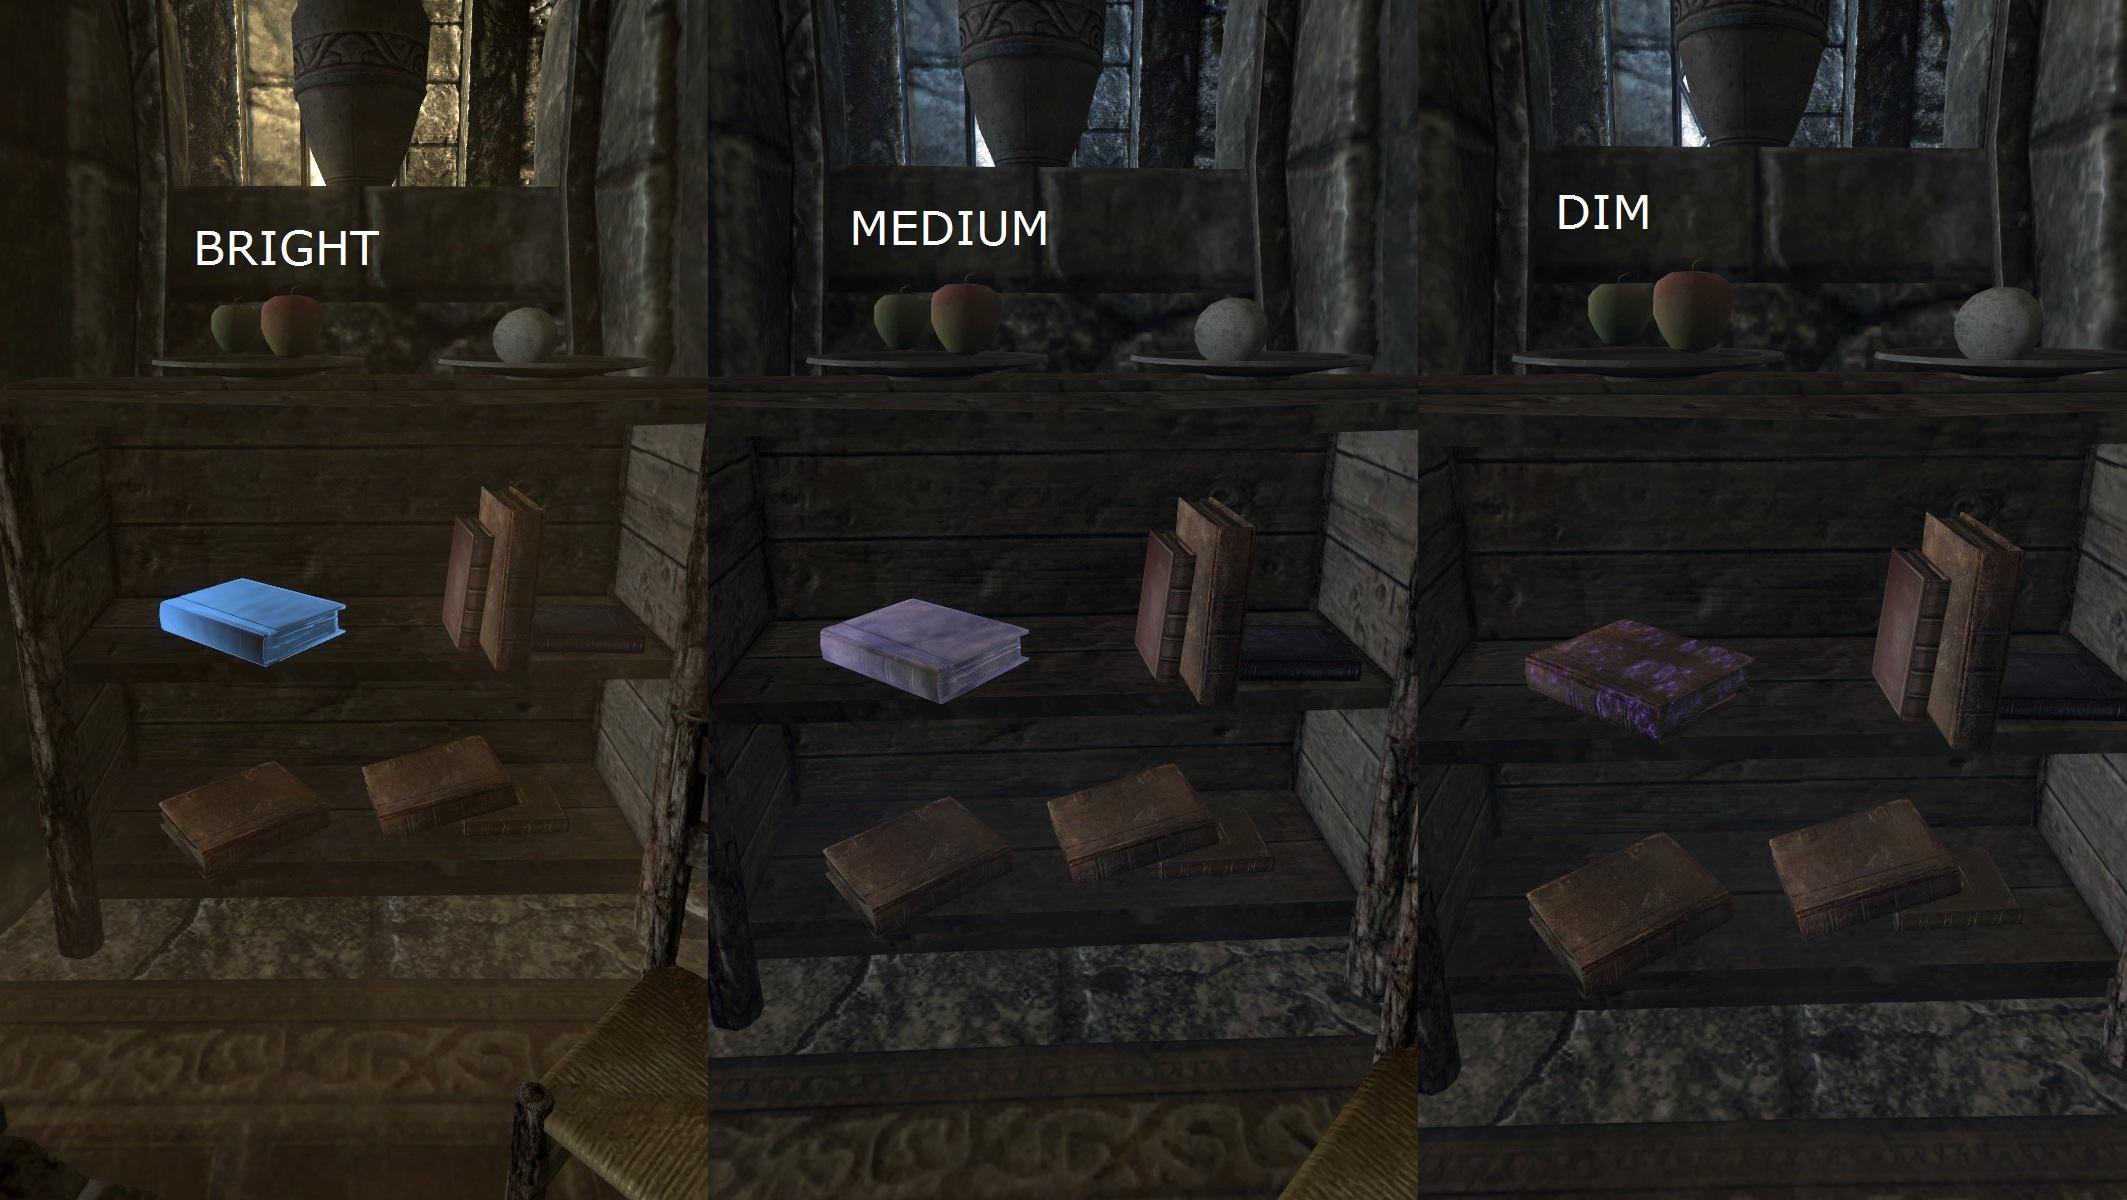 Nepřečtené tiskoviny o sobě dávají vědět ve třech variantách.